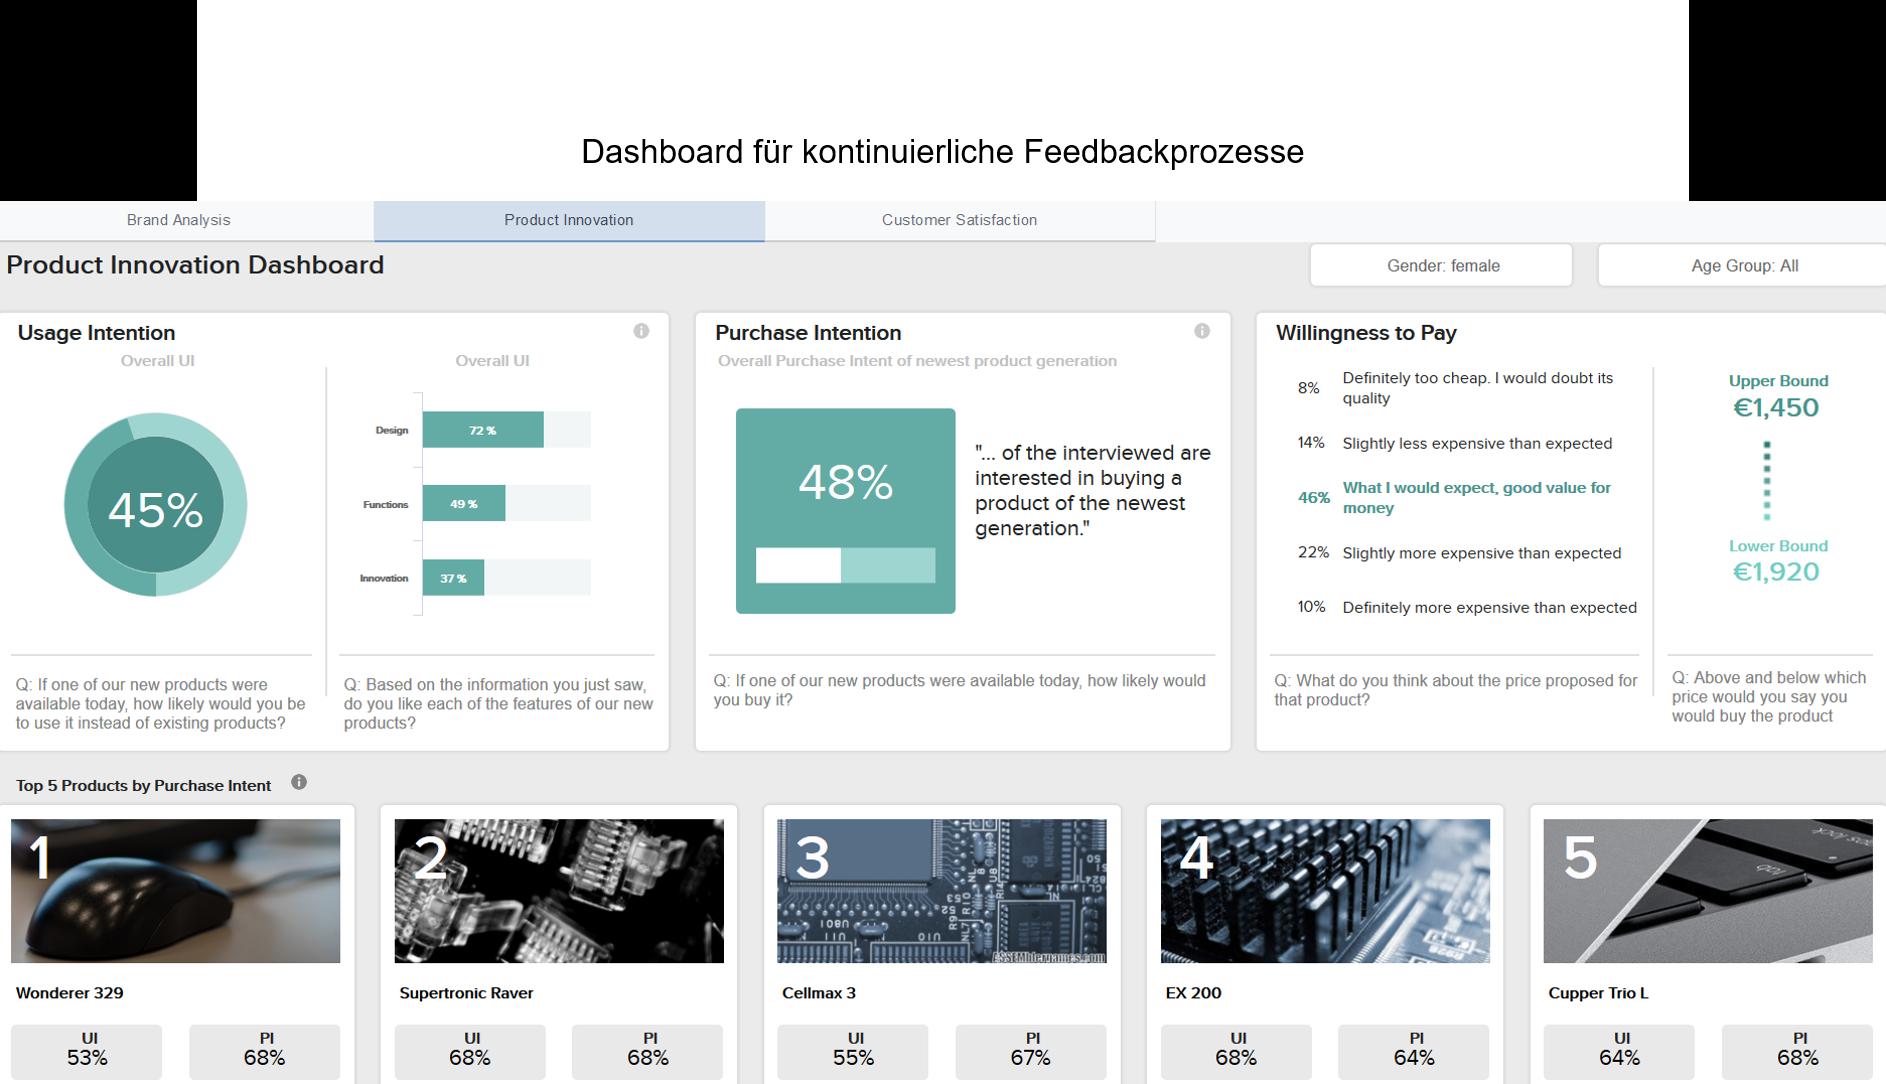 Dashboard für kontinuierliche Feedbackprozesse